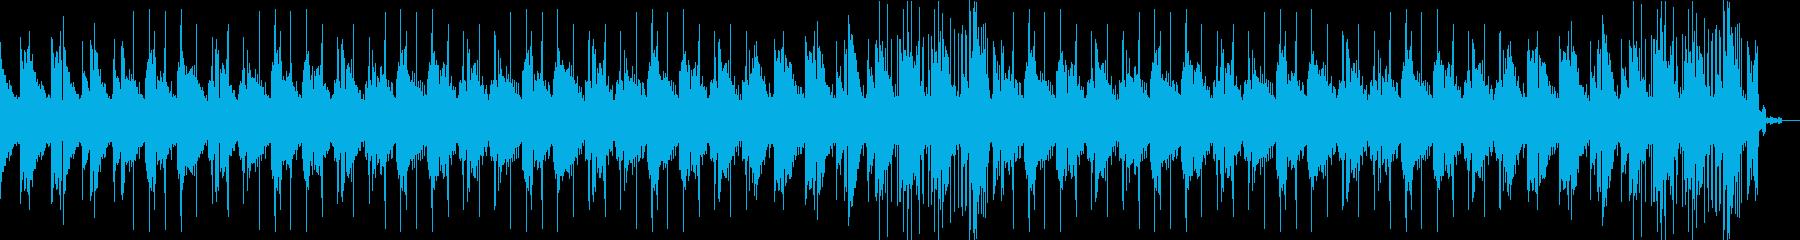 おしゃれ・スタイリッシュ・チルアウトの再生済みの波形